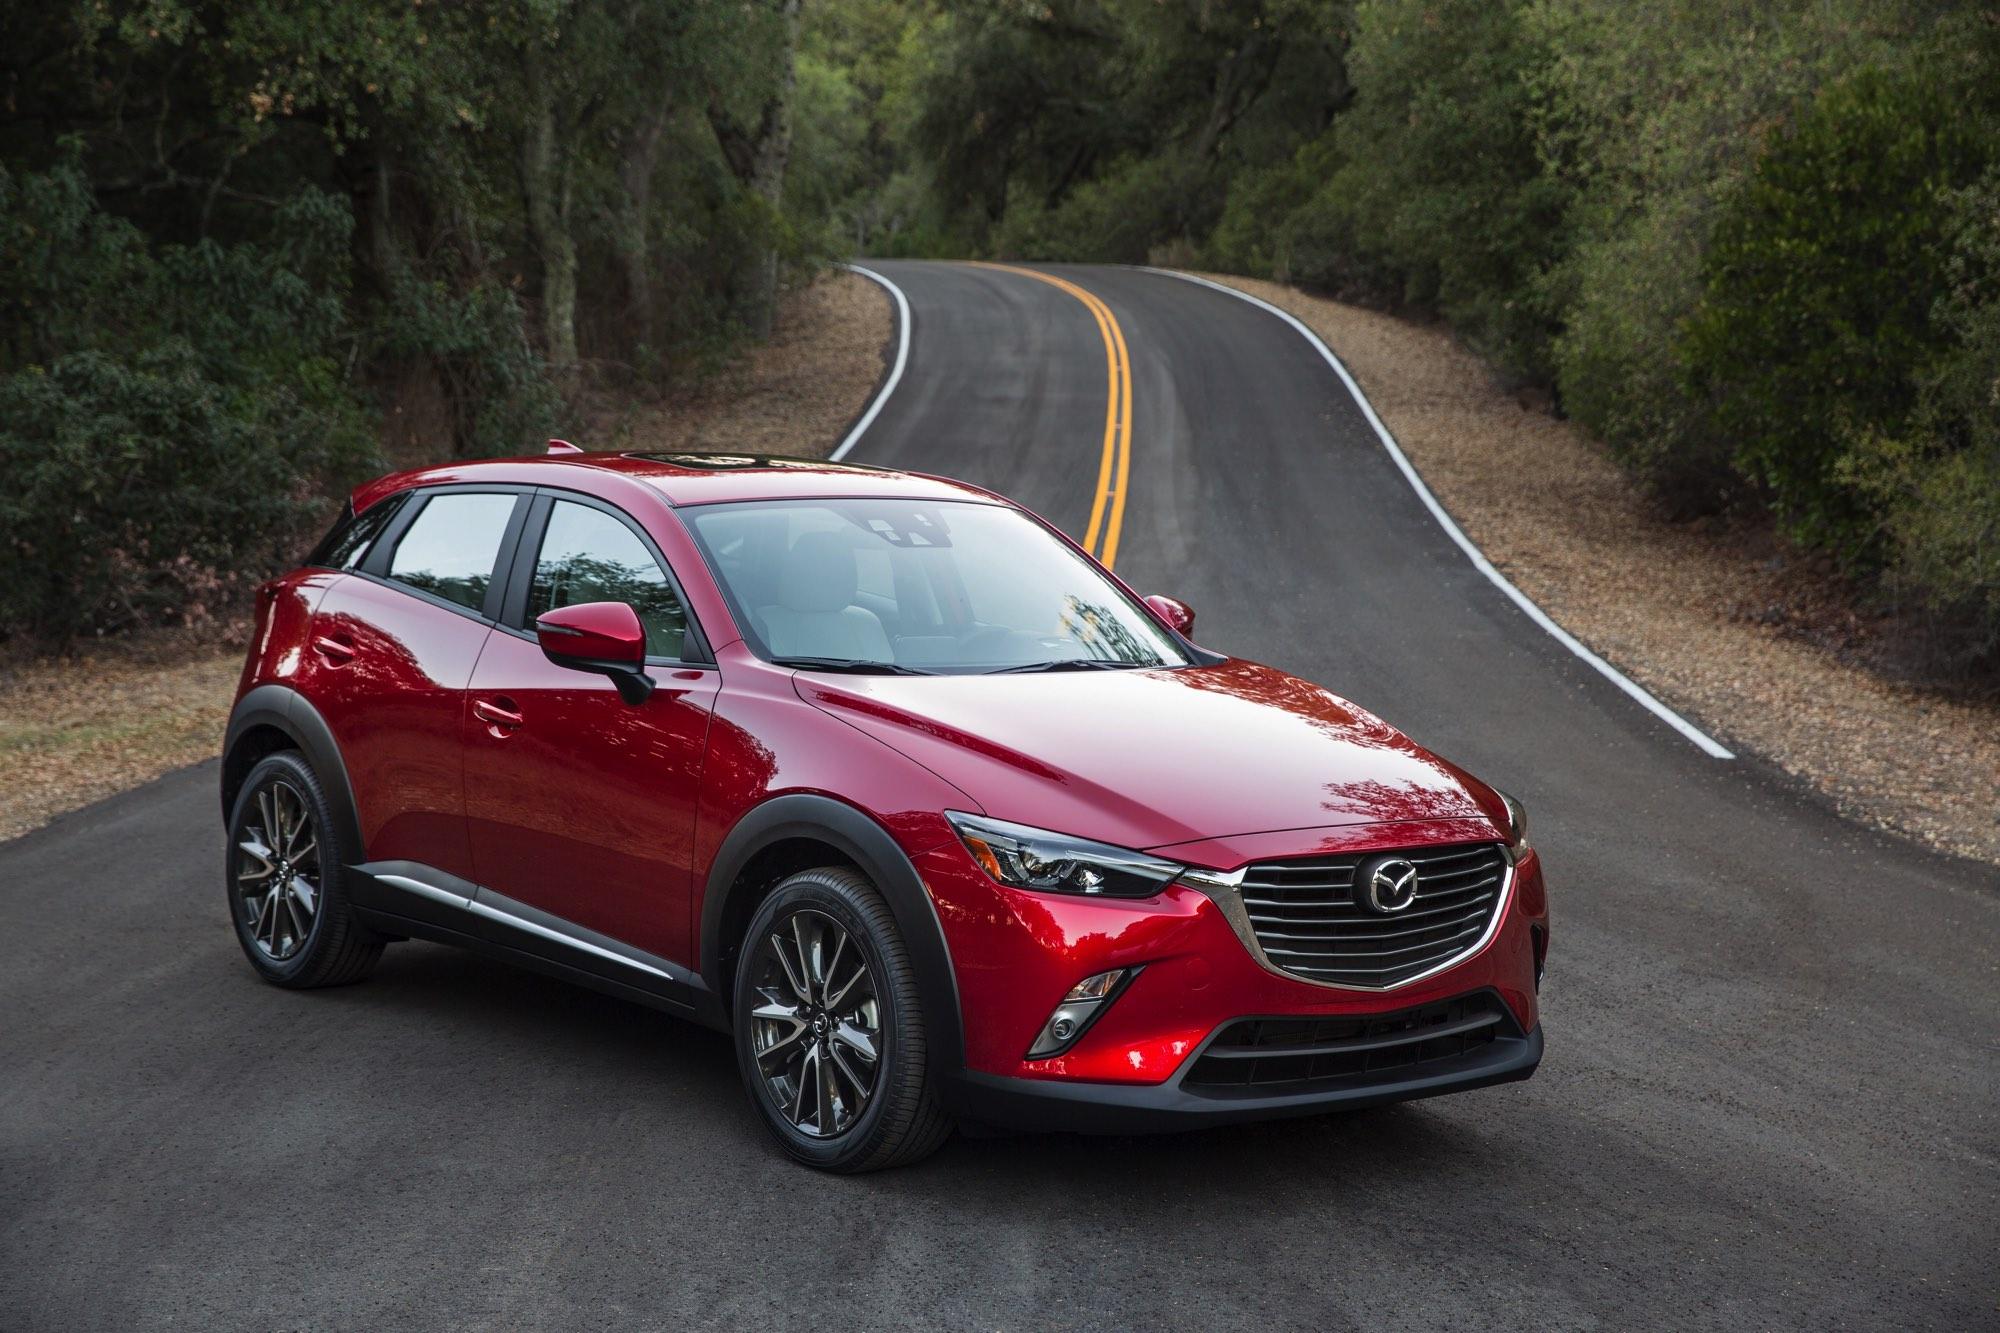 CX-3-20141118_2016_Mazda_CX-3_37